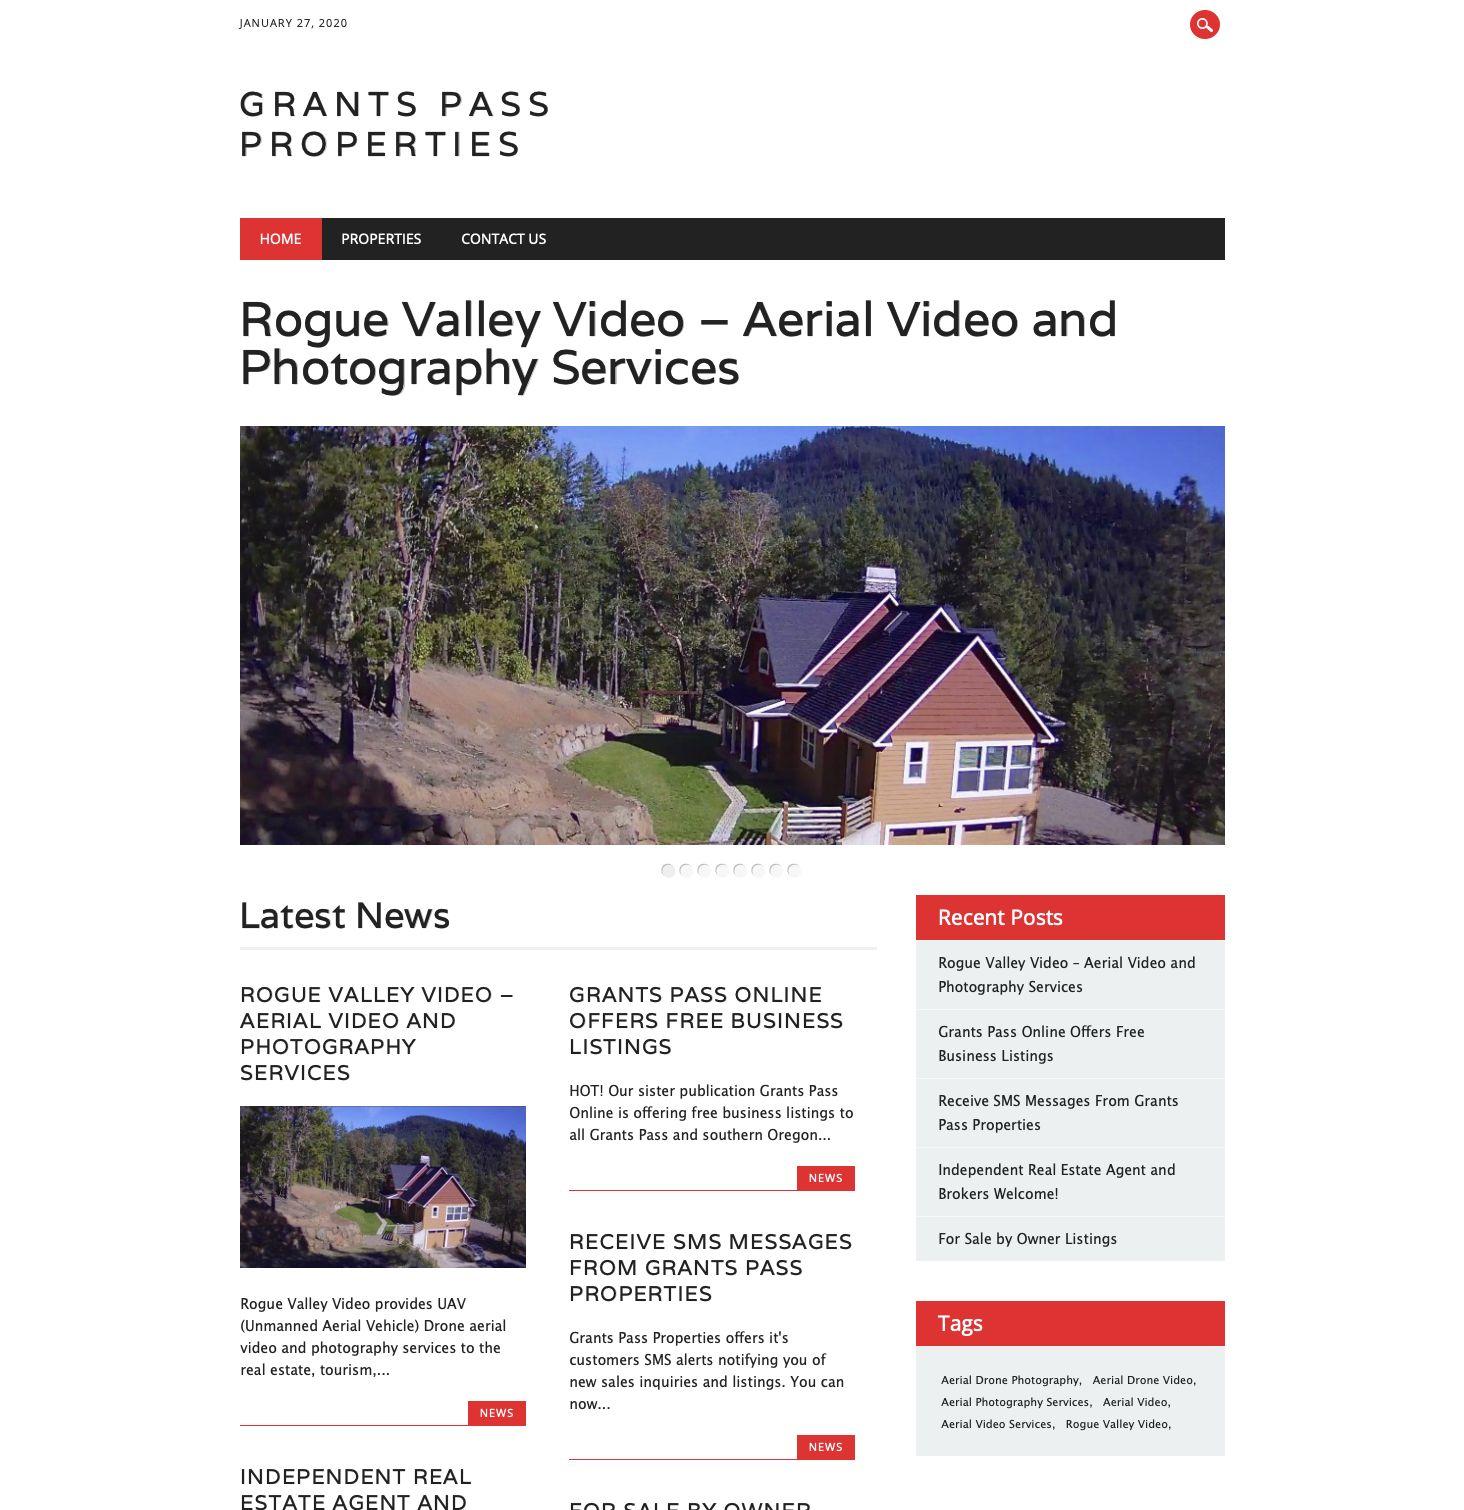 Grants Pass Properties